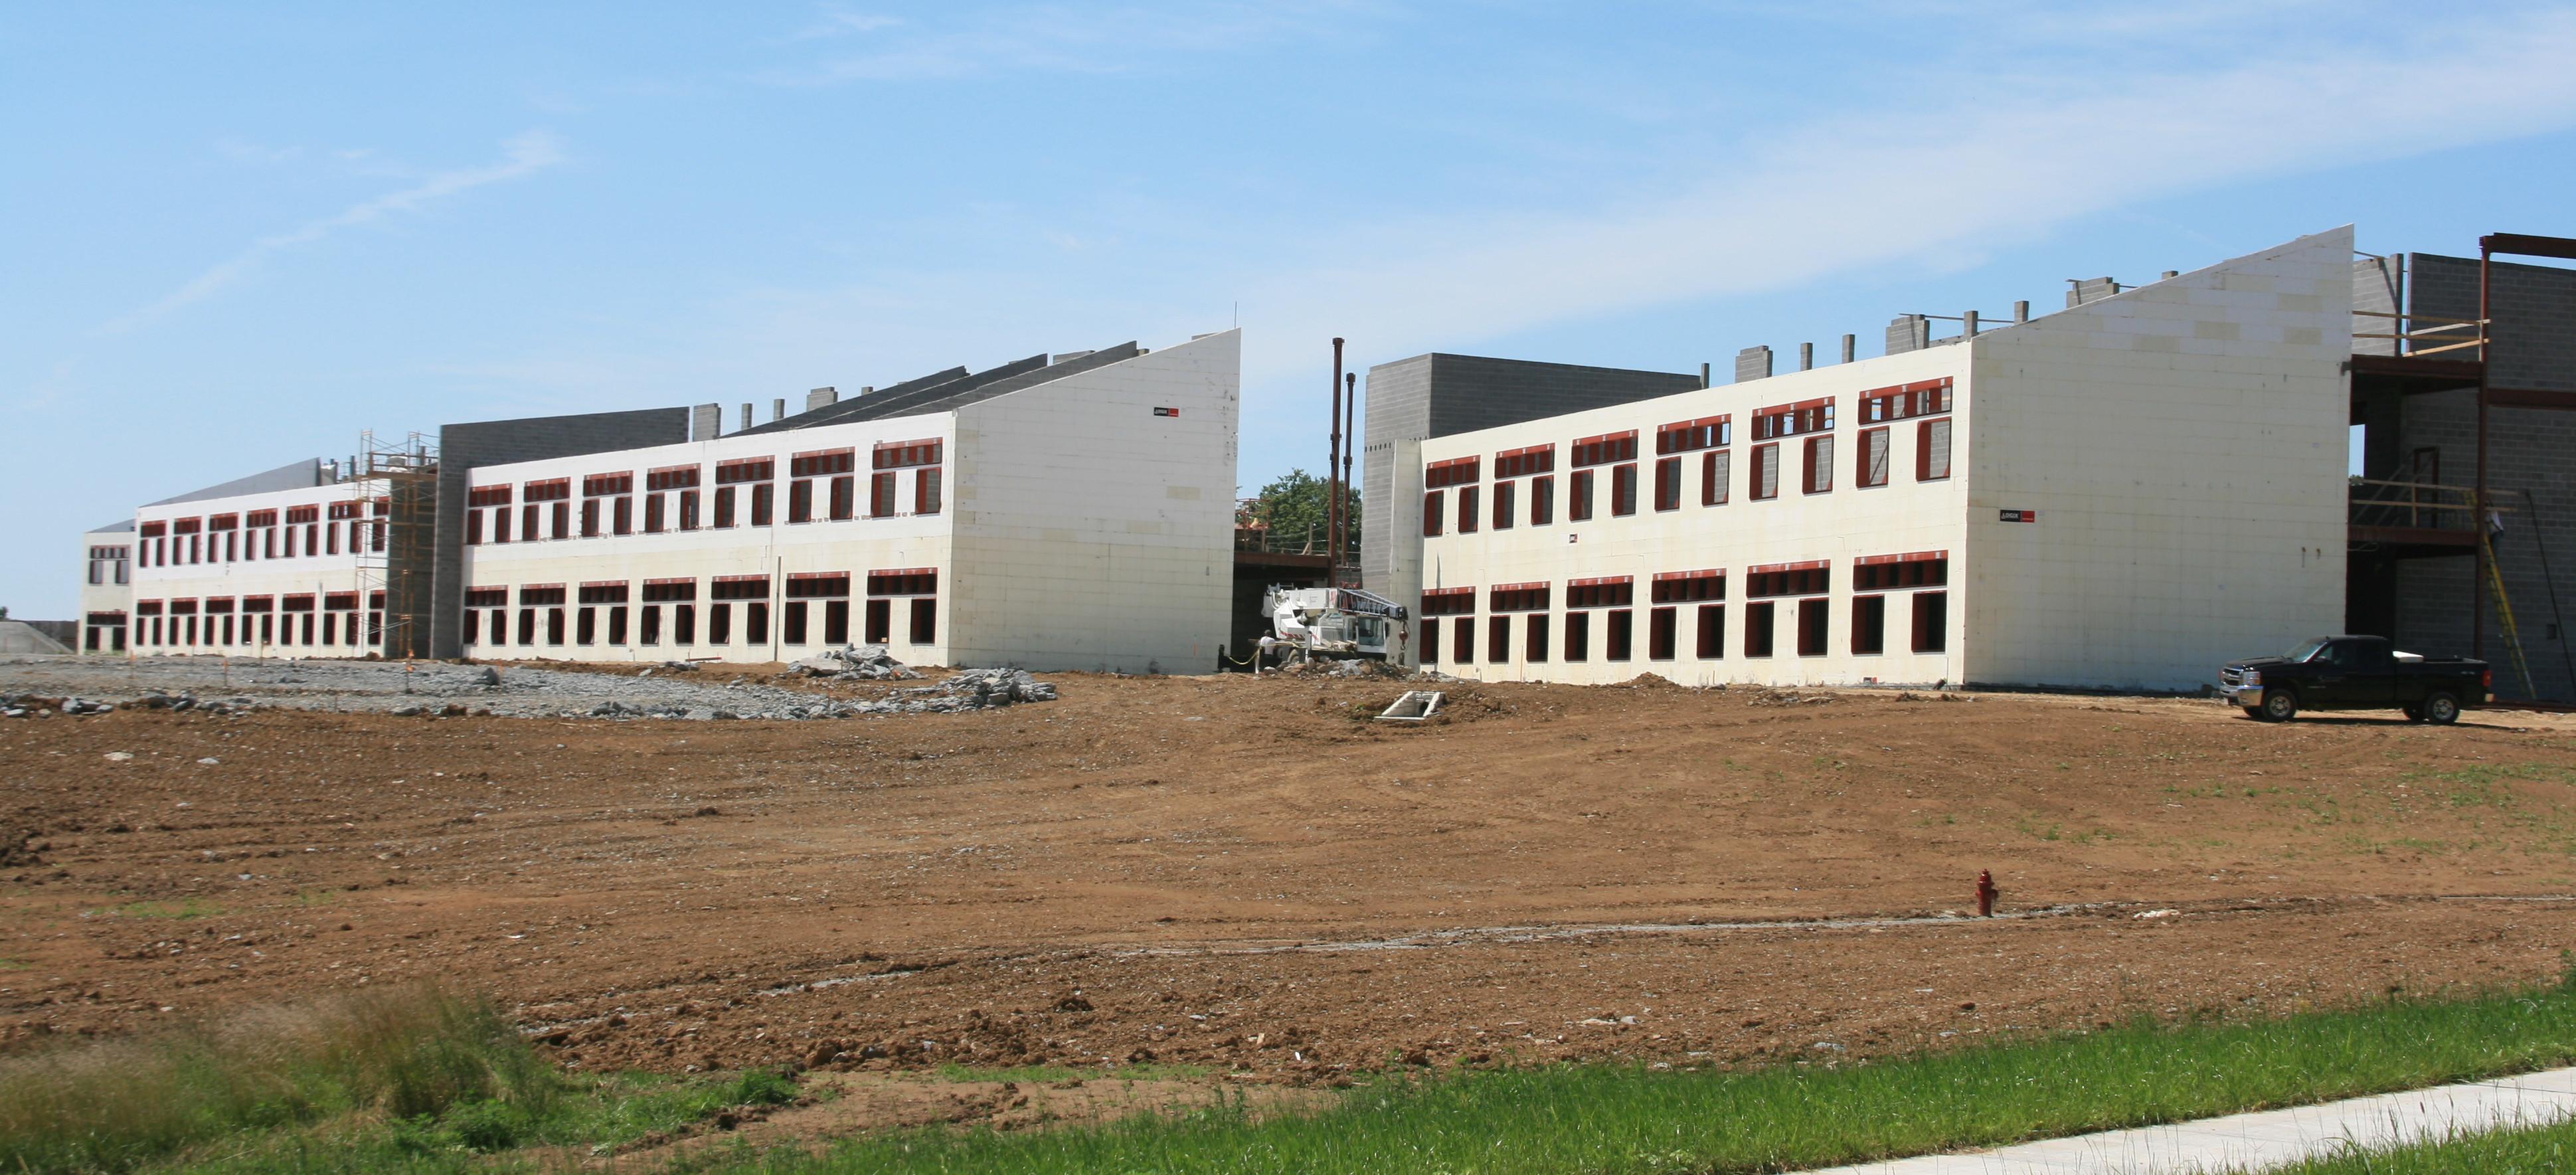 Build Better Schools